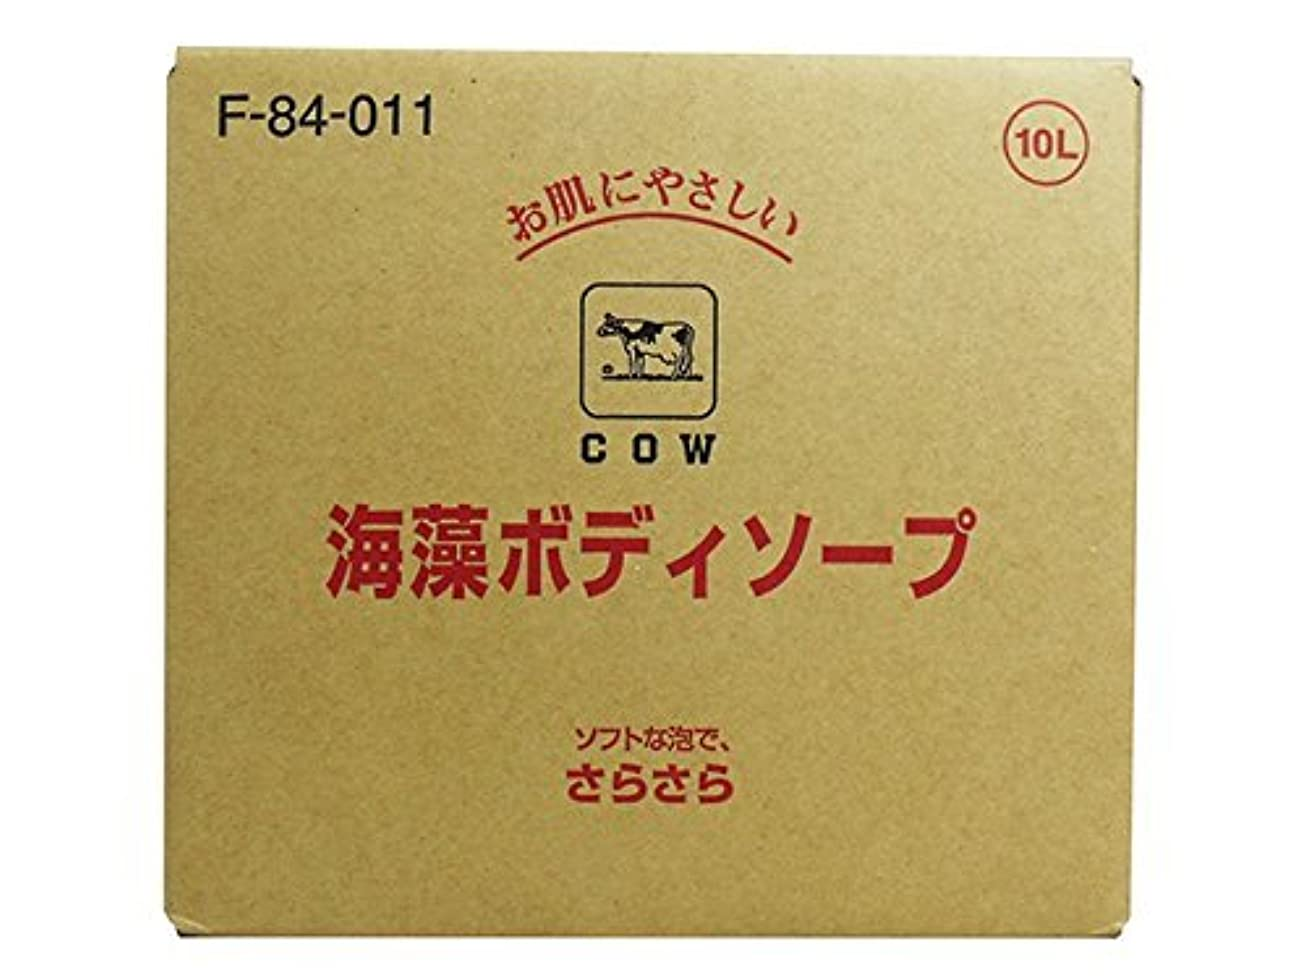 業務用ボディーソープ【牛乳ブランド 海藻ボディソープ 10L】